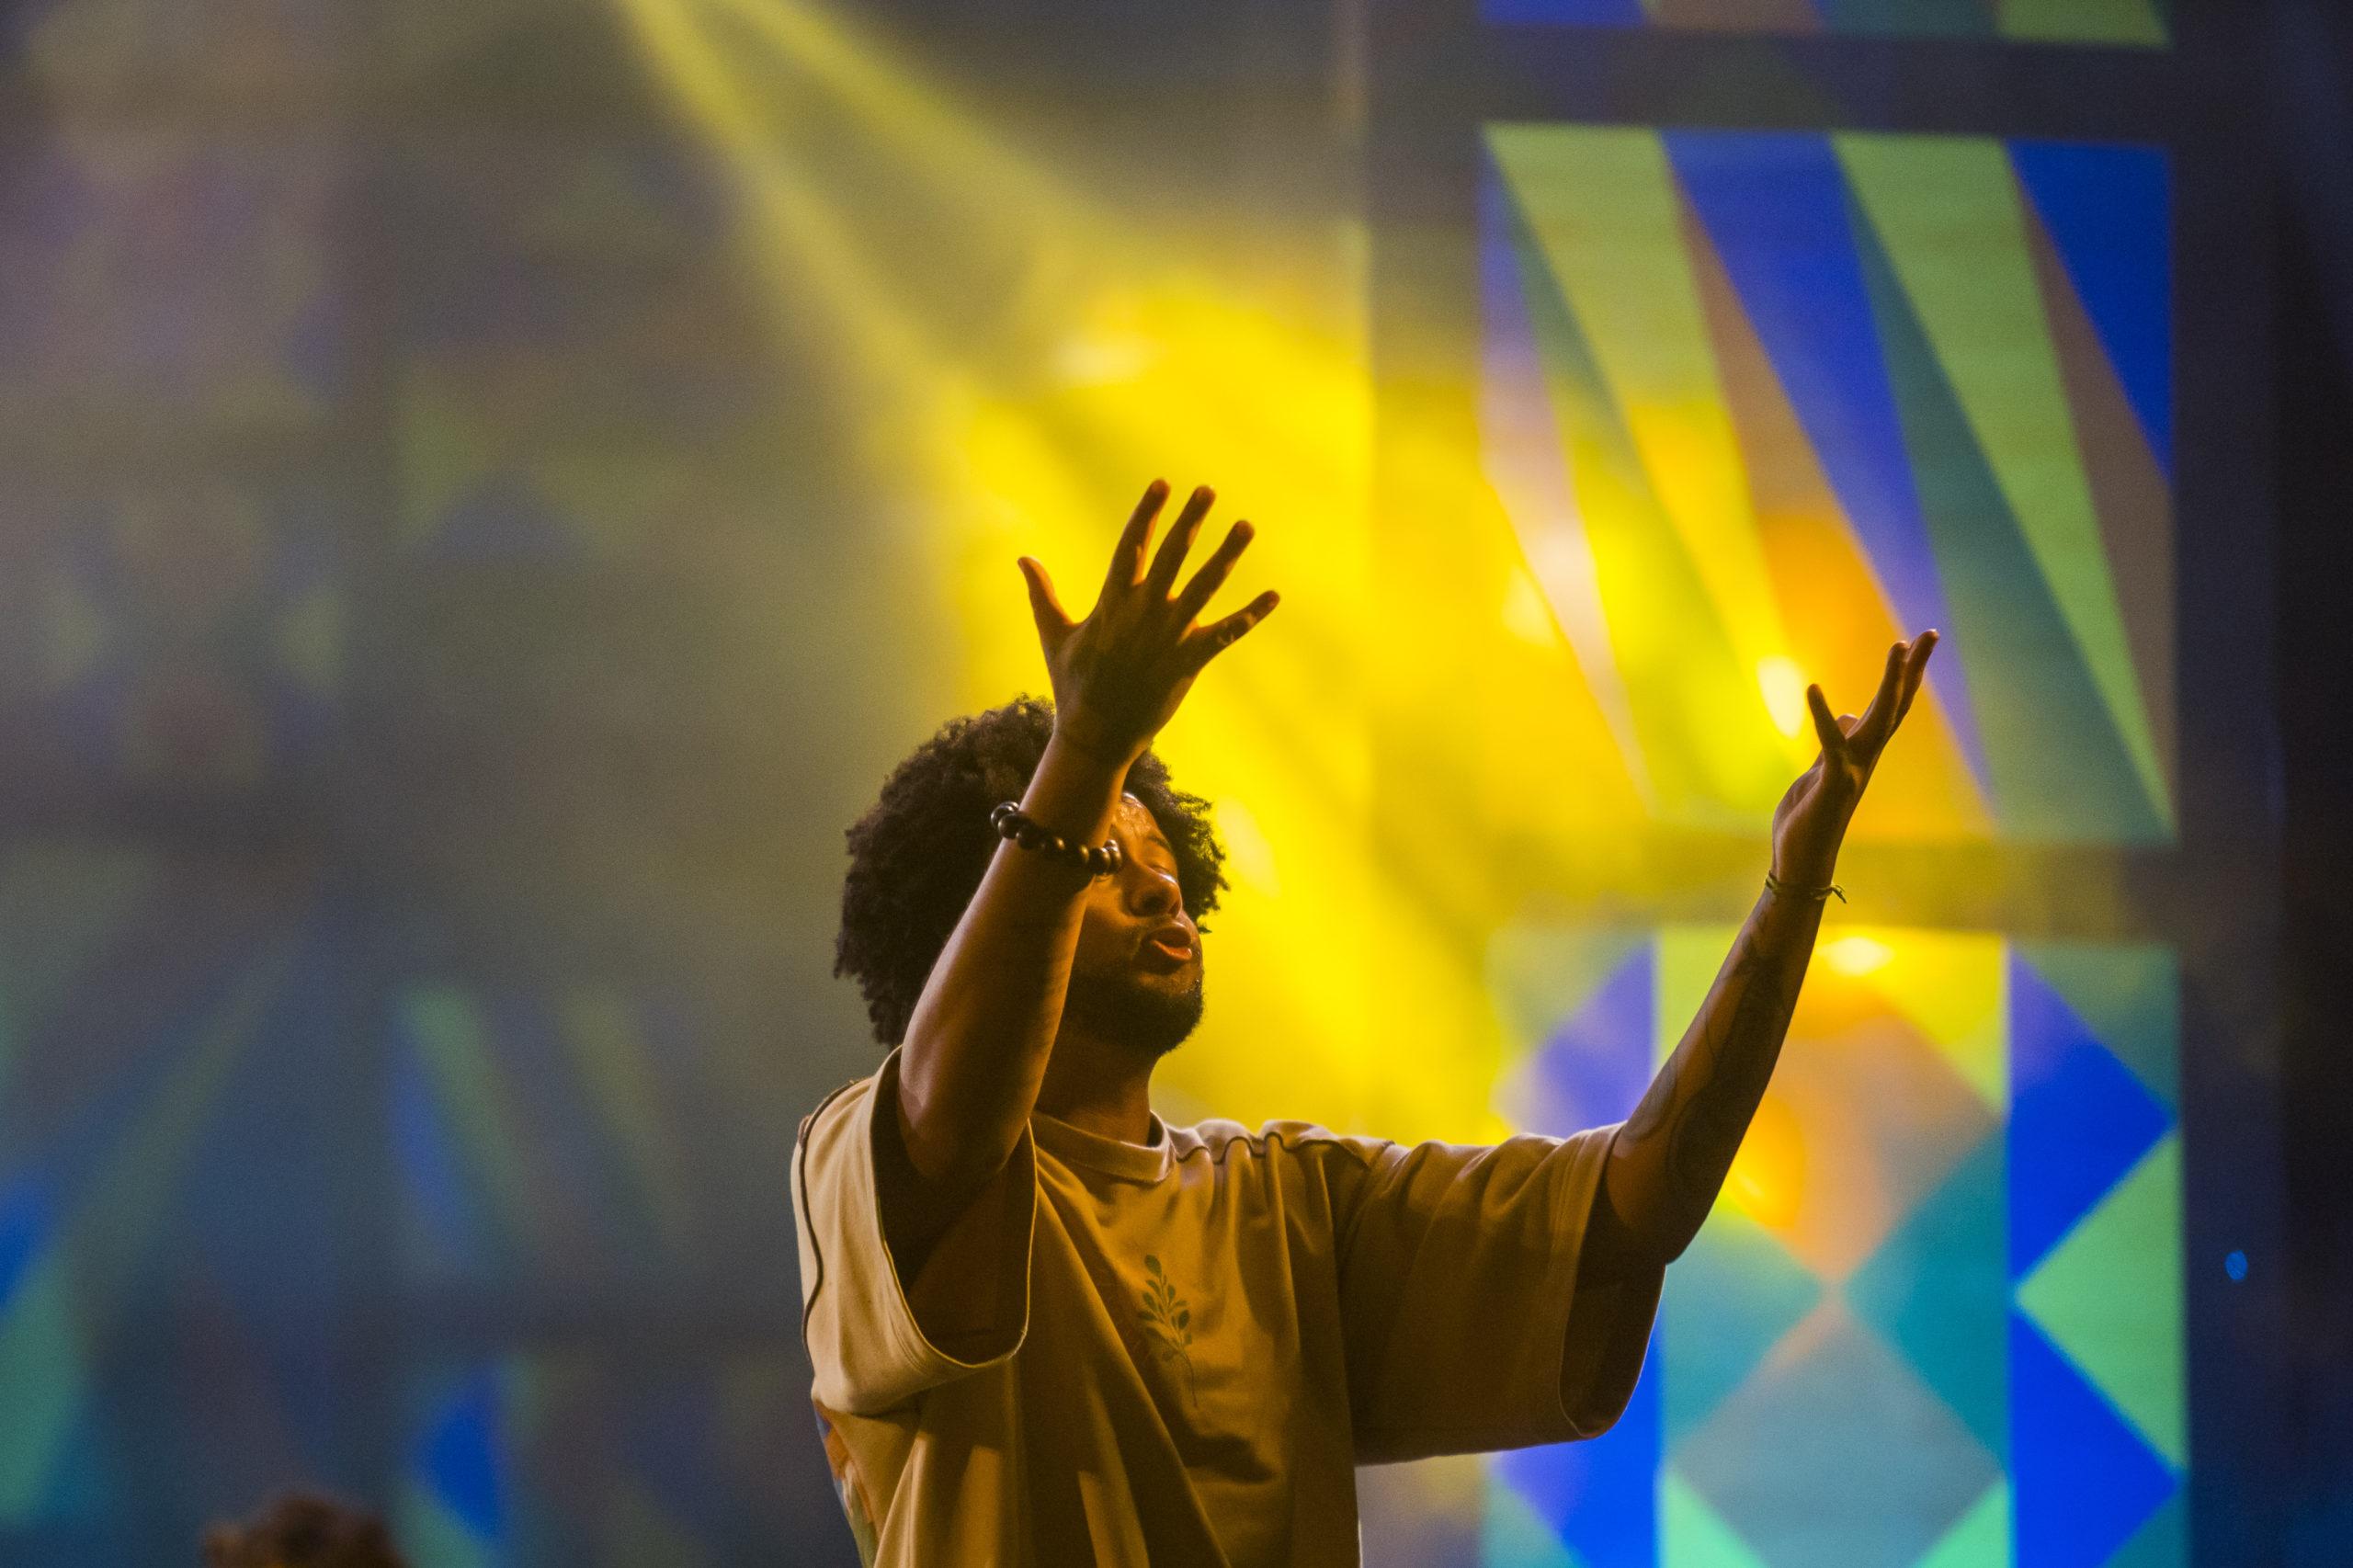 Encontros Entre Artistas Marcam A 8ª Edição Do Festival S.E.N.S.A.C.I.O.N.A.L!